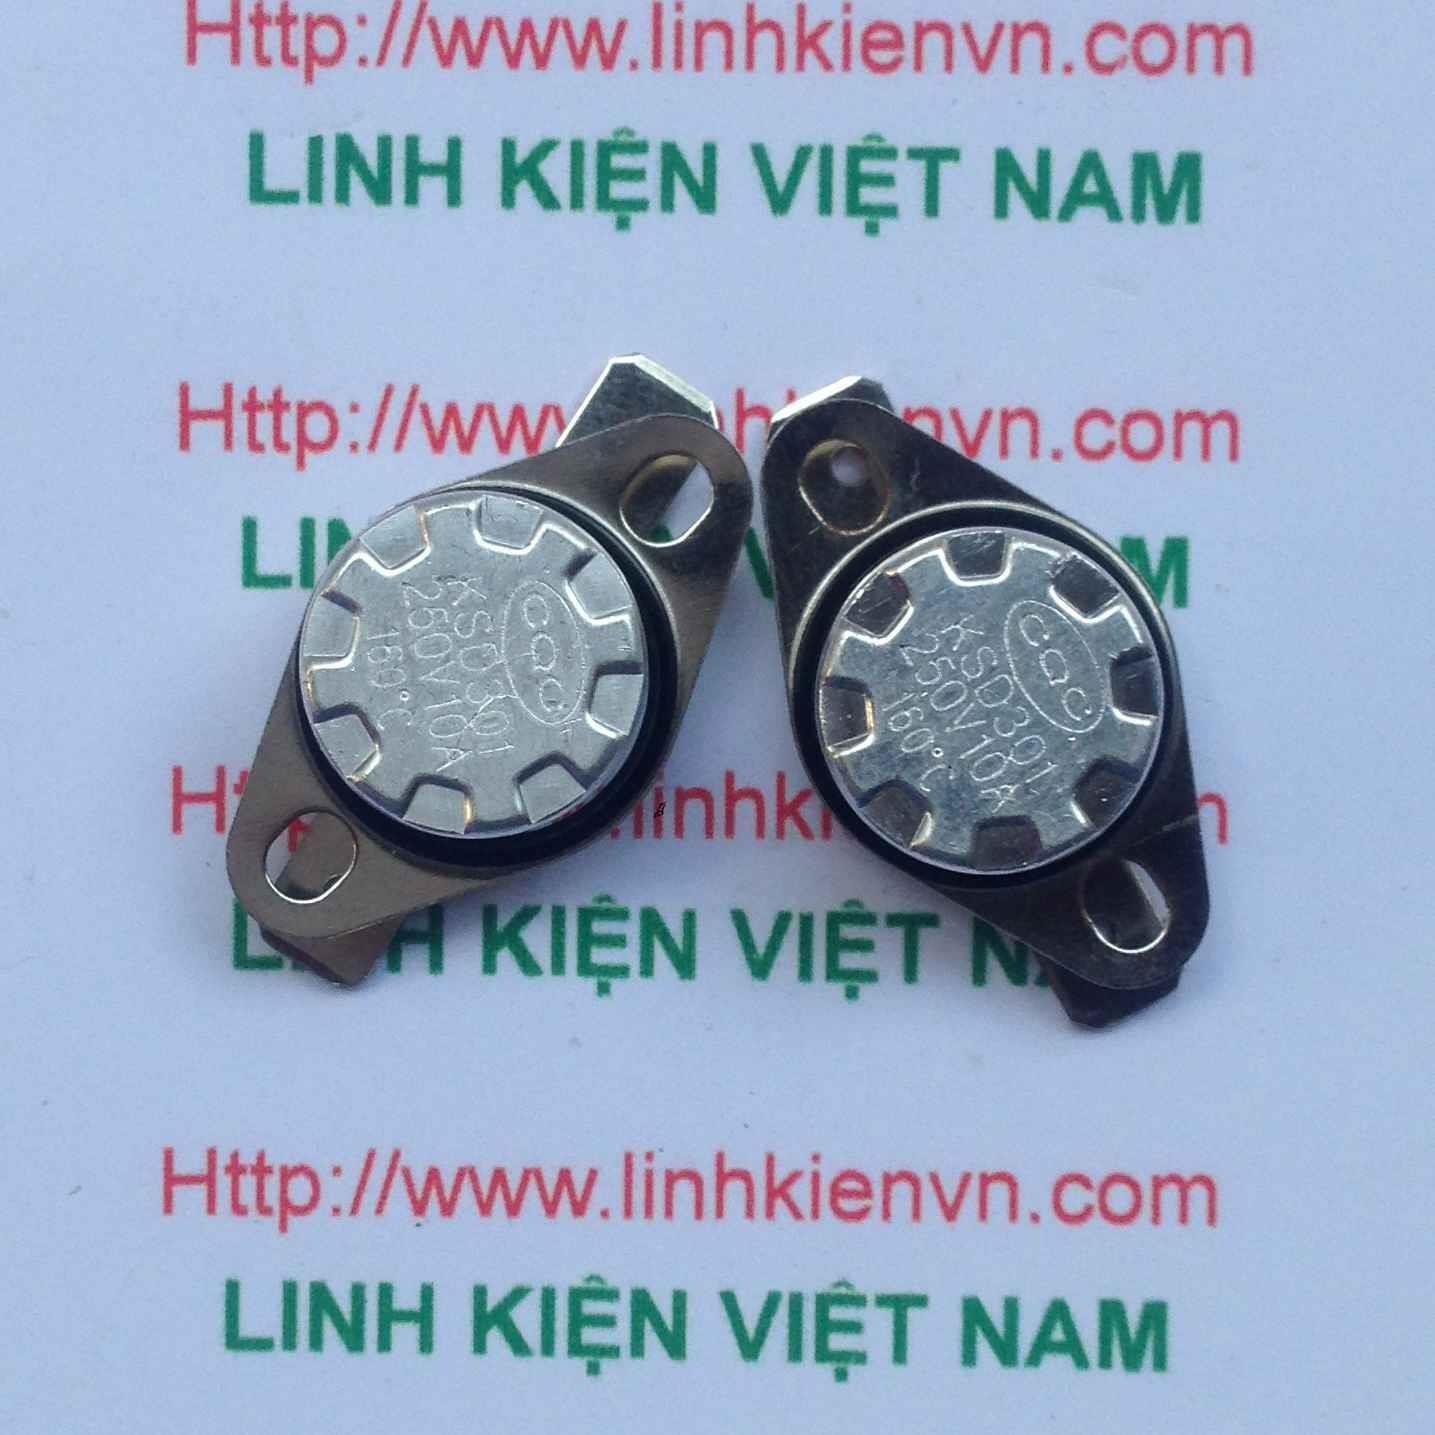 Relay nhiệt KSD301 160 độ - THƯỜNG ĐÓNG/ Relay nhiệt KSD301 10A/250V  - G3H9